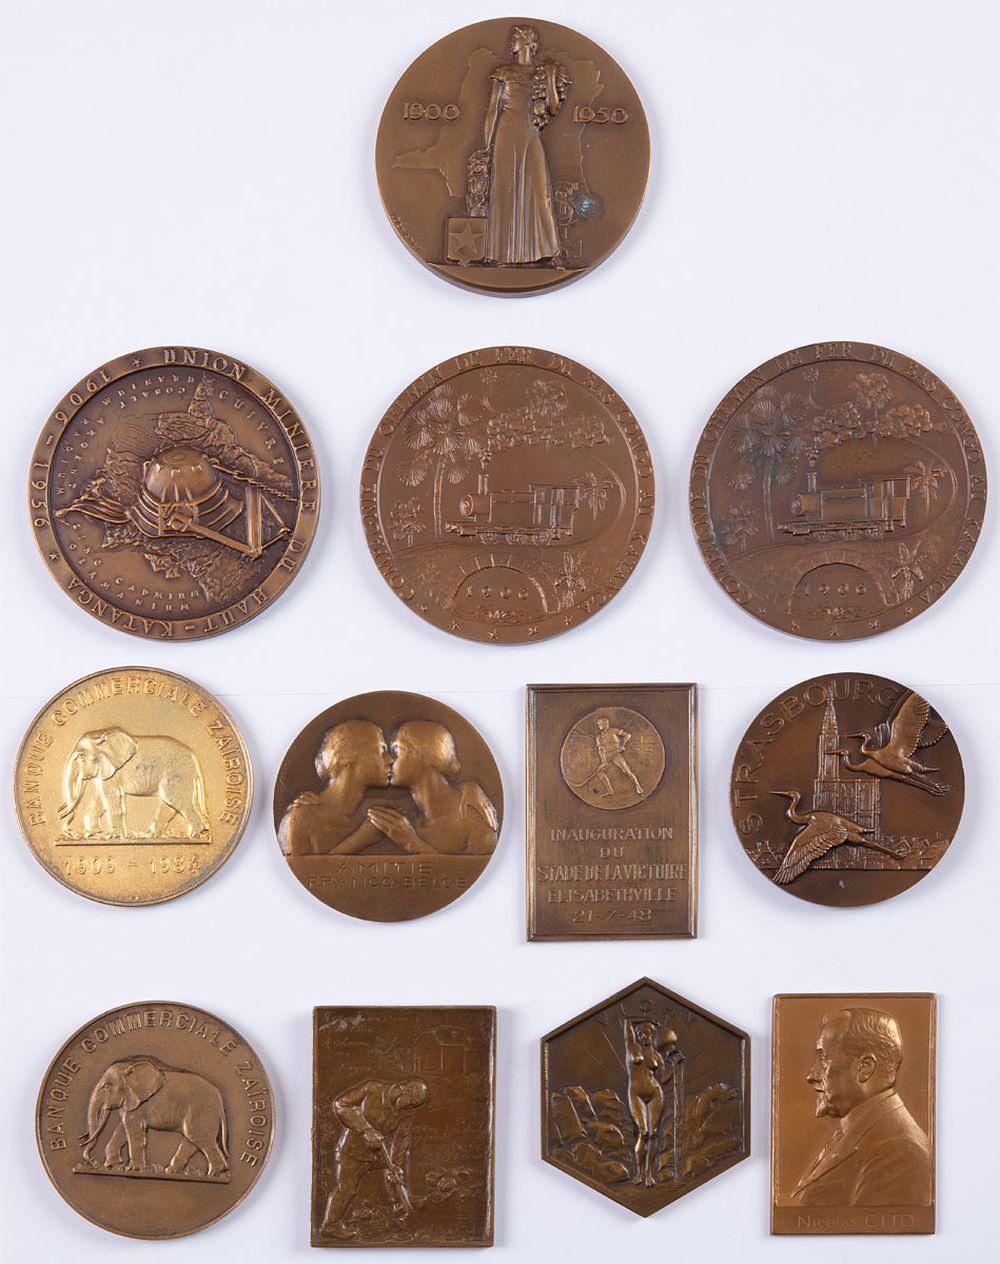 MÉDAILLES DU CONGO BELGE. Ensemble 7 médailles.